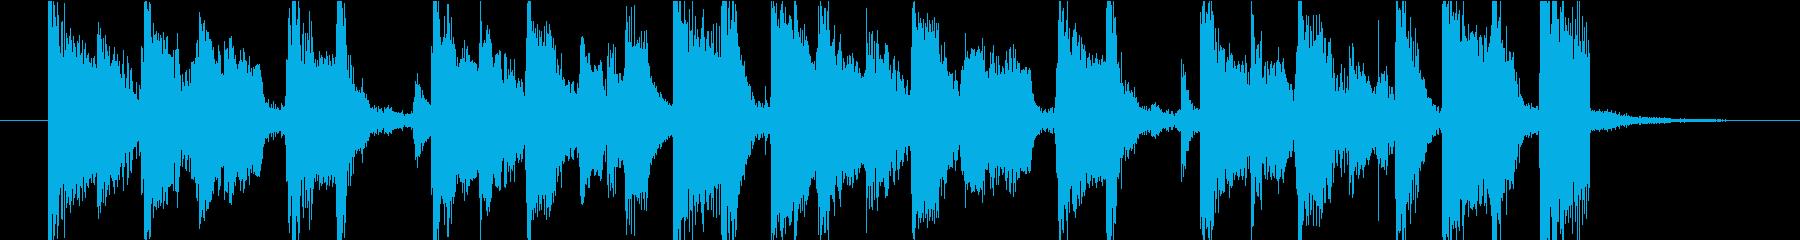 渋いブルース オープニングの再生済みの波形